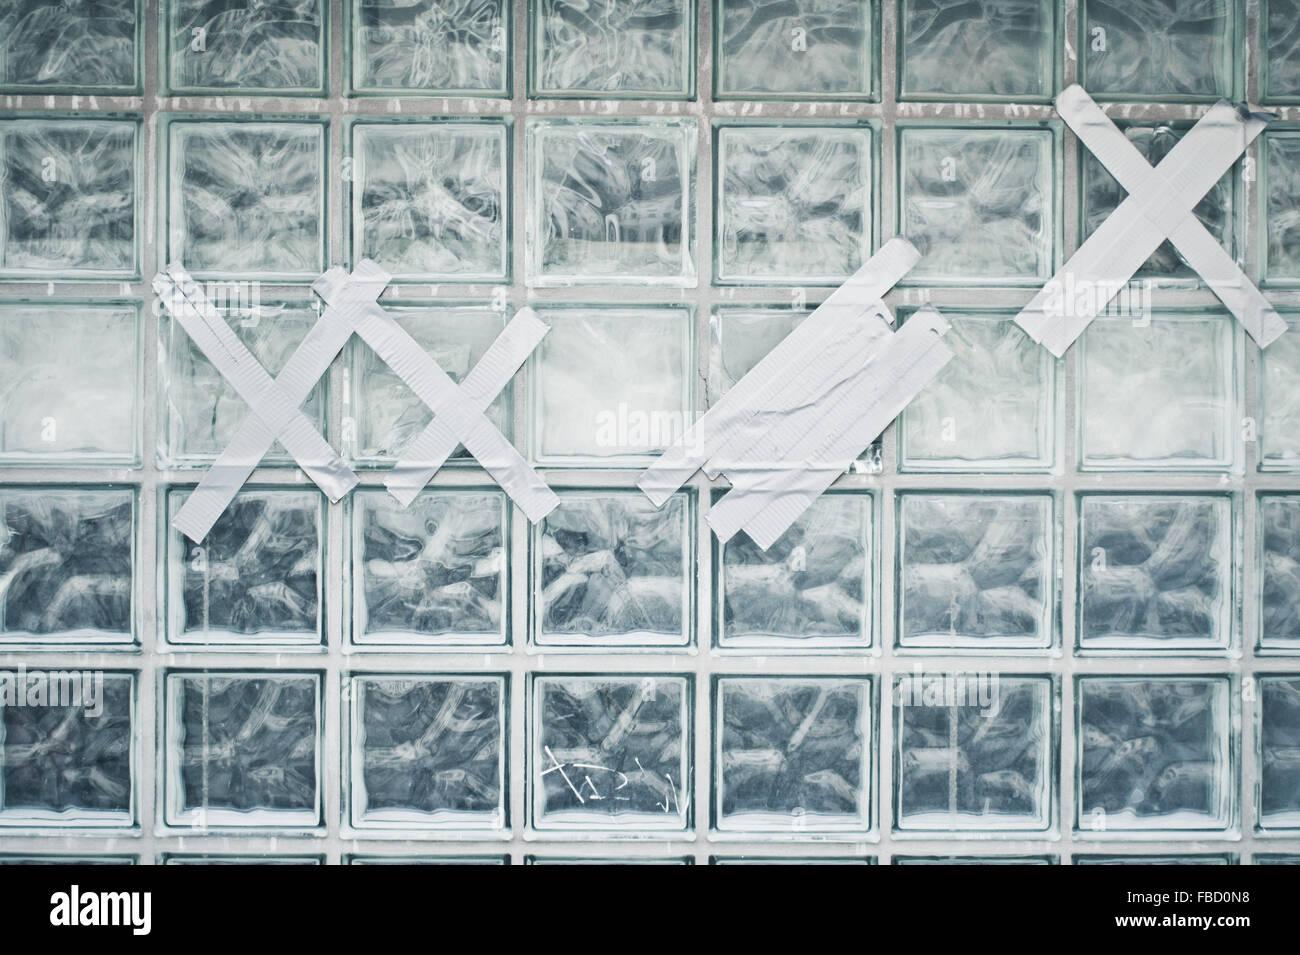 Glass bricks stockfotos glass bricks bilder alamy - Wand aus glasbausteinen ...